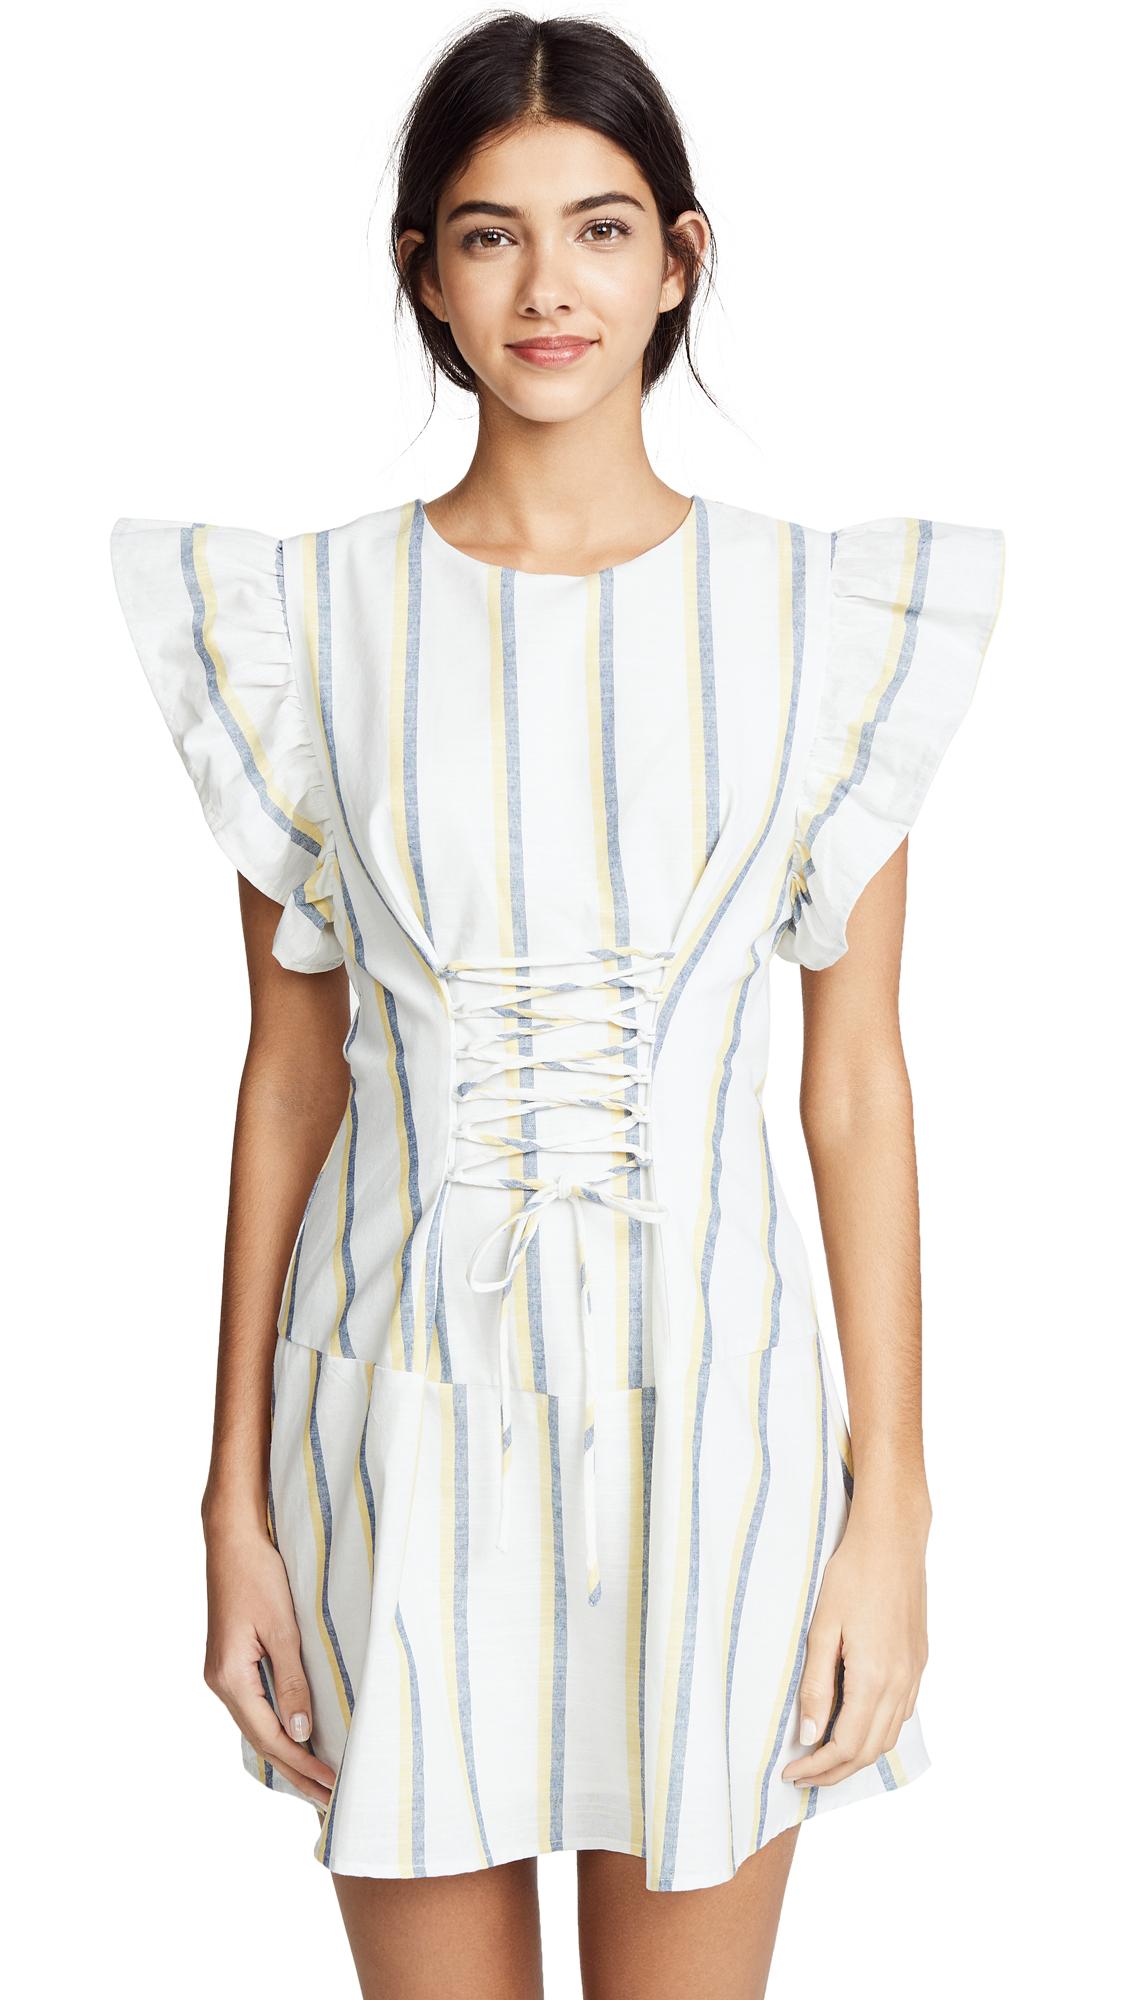 J.O.A. Stripe Lace Up Dress